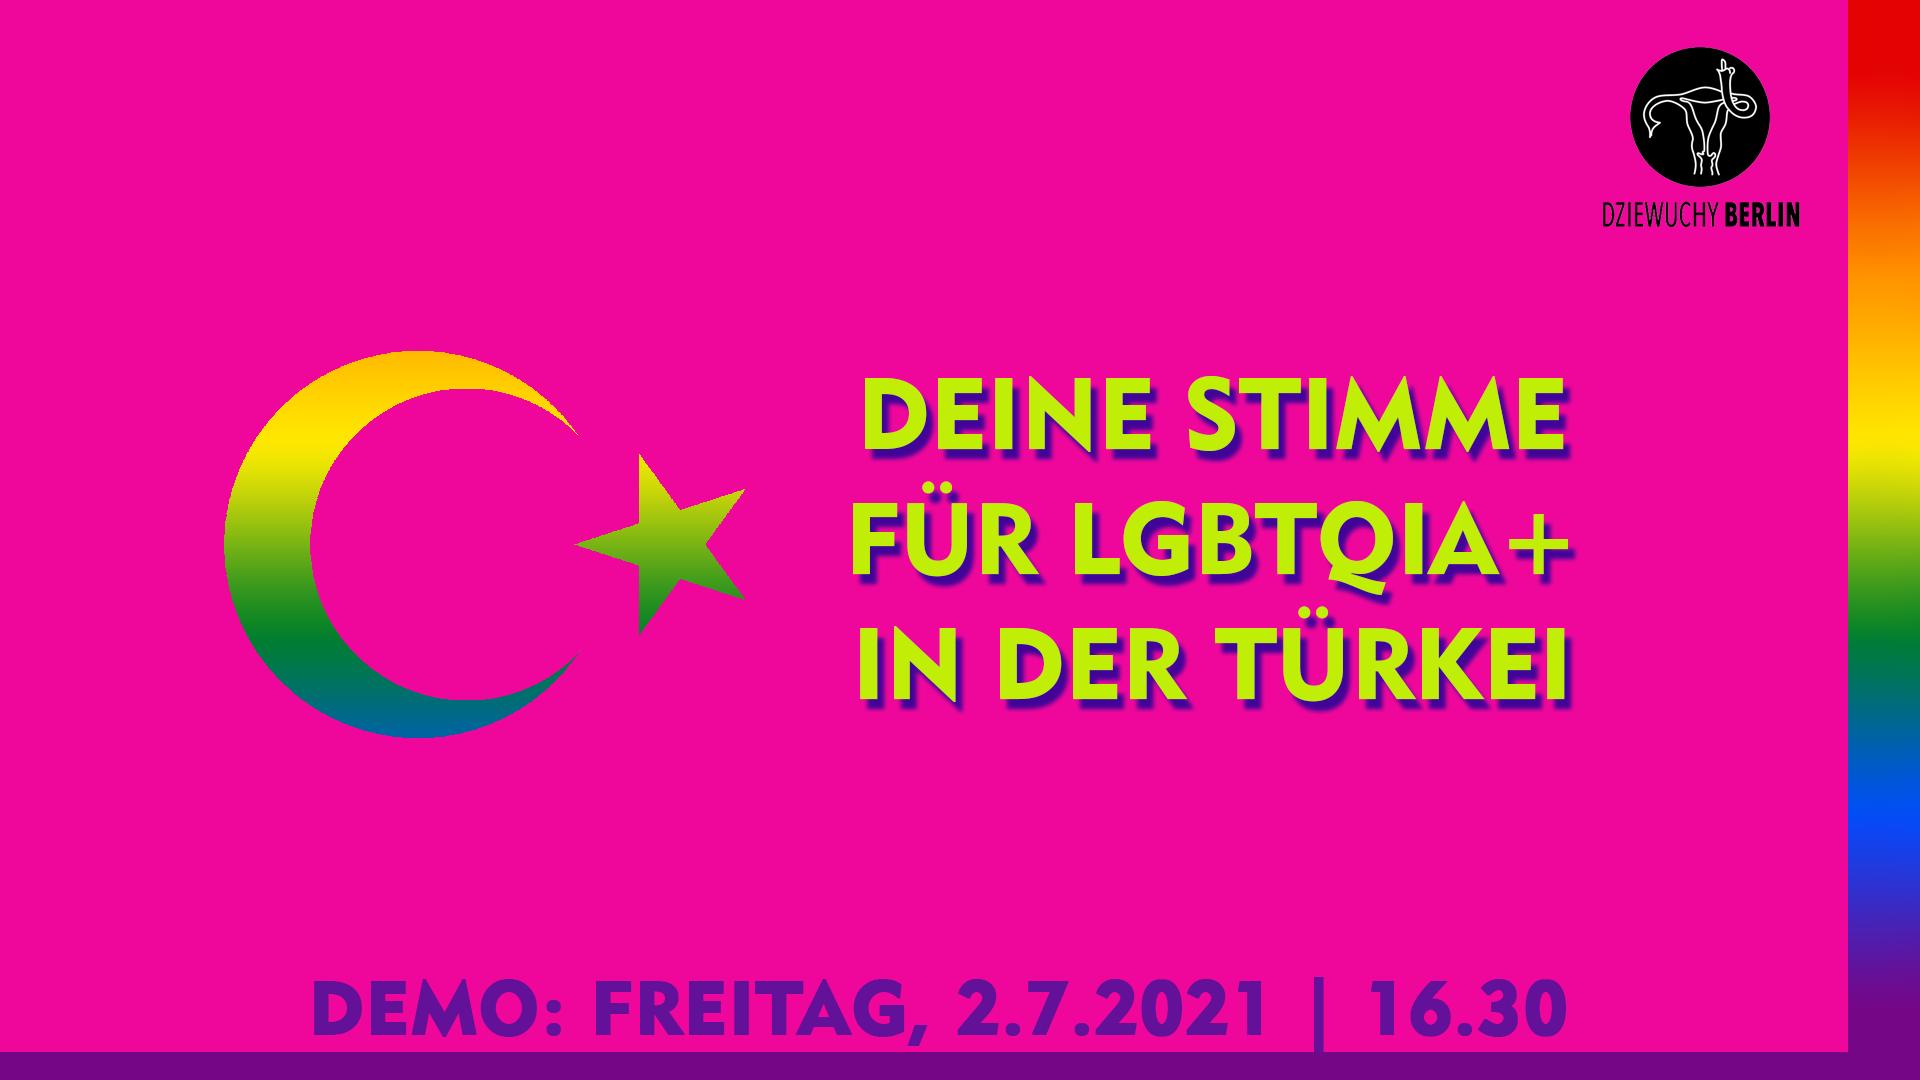 2.7.2021 DEMO: Deine Stimme für LGBTQIA+